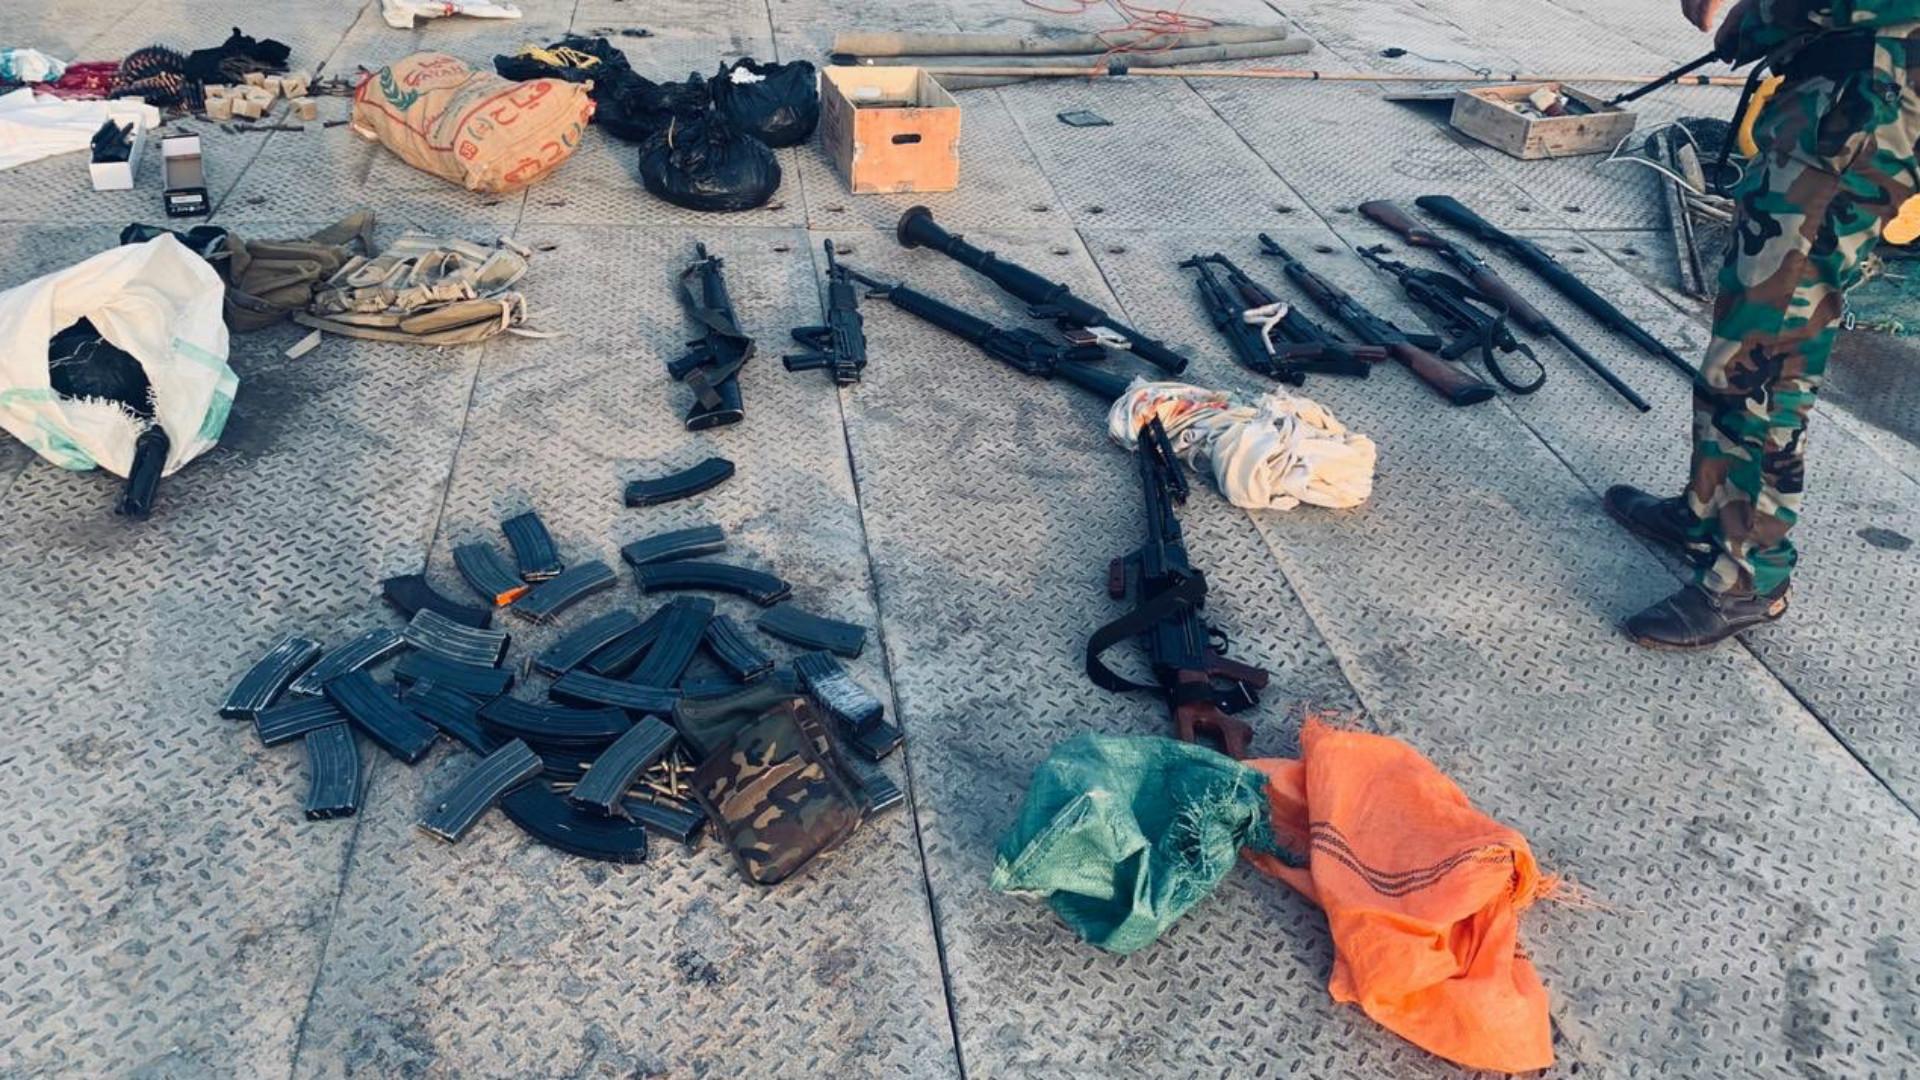 عمليات أمنية في البصرة لنزع السلاح غير المرخص